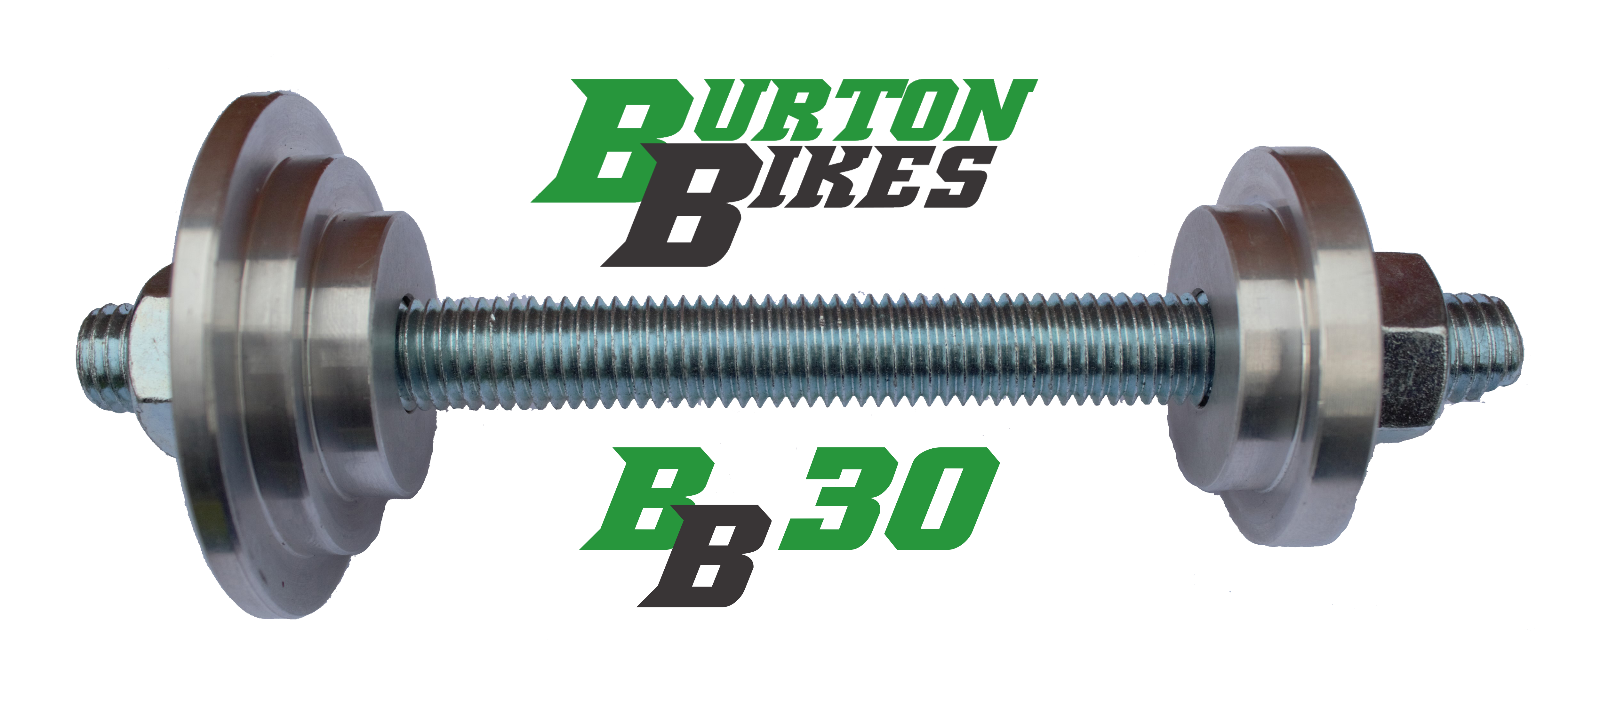 GORIX Bike Bottom Bracket Press Fit Tool BB30 BB86 Bearing Installation Bicycle